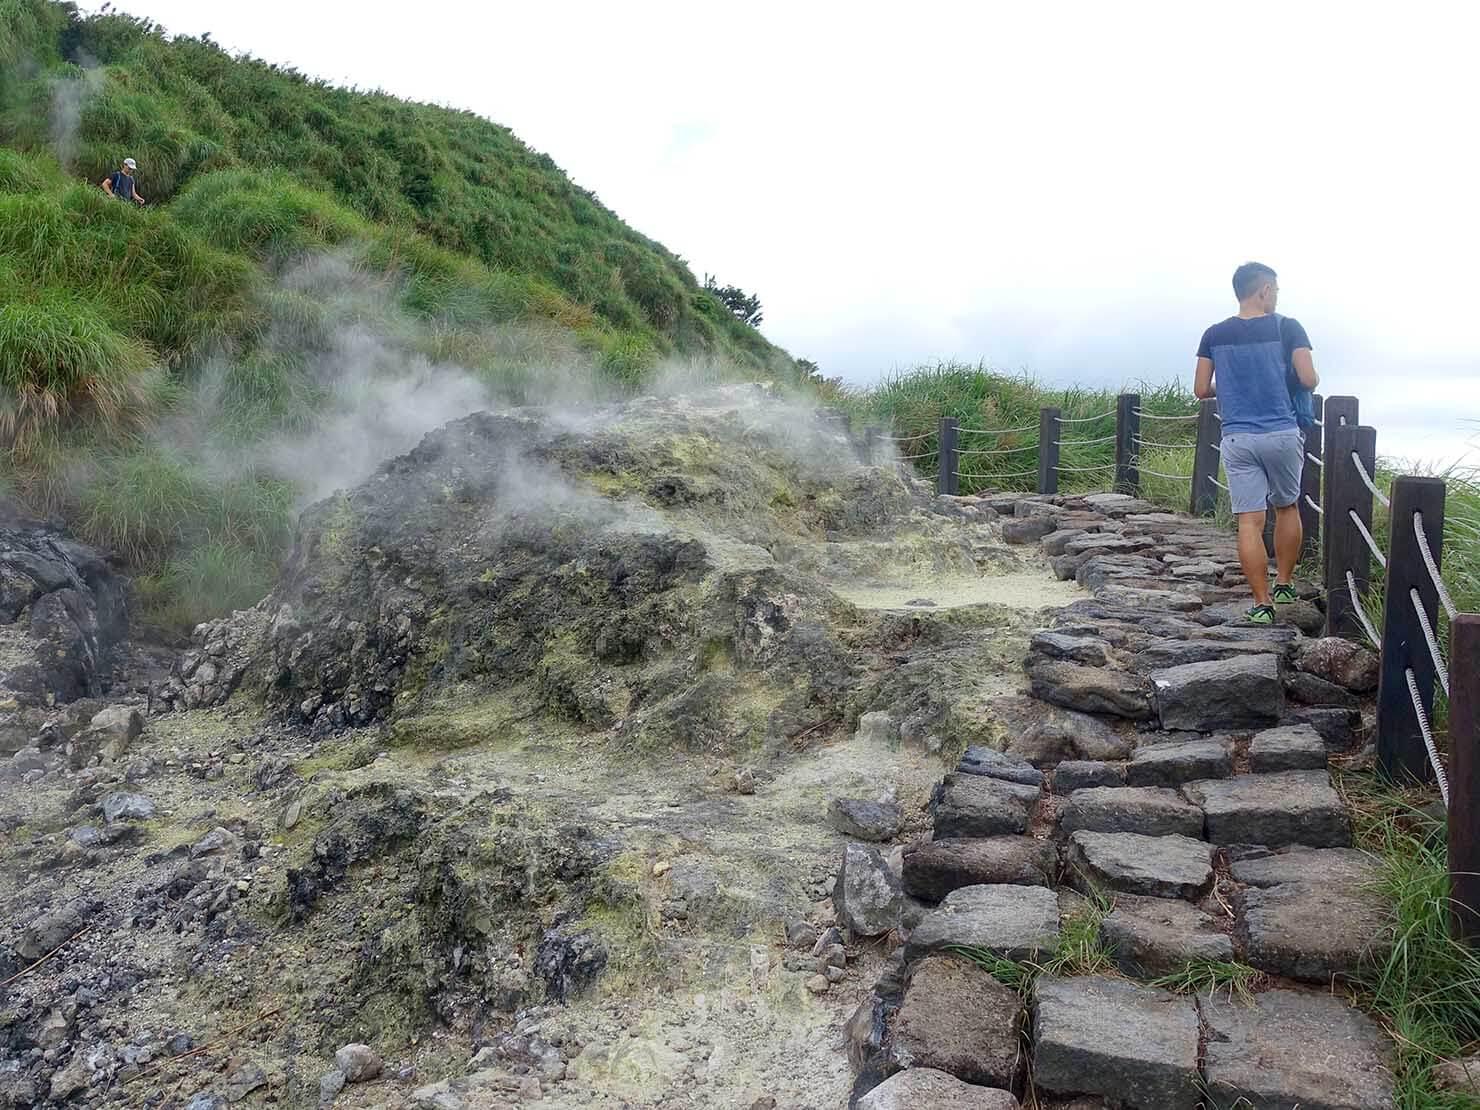 台北最高峰・七星山への登山歩道で蒸気の吹き出す岩の横を抜ける